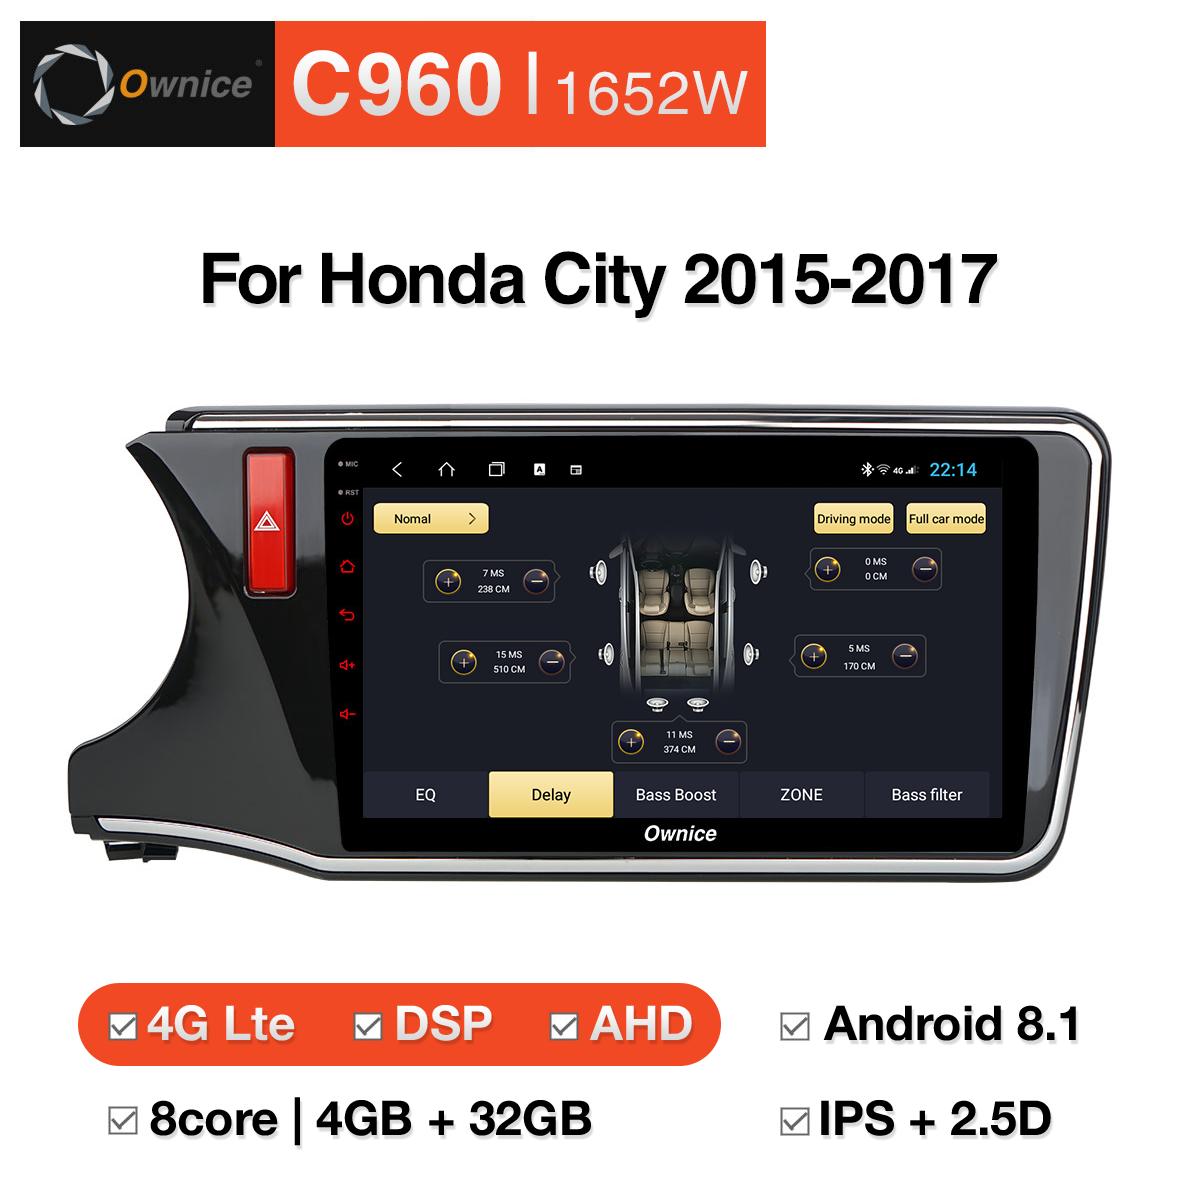 Đầu DVD android Ownice C960 cho xe ô tô Honda City 2015-2017:: OL-1652W